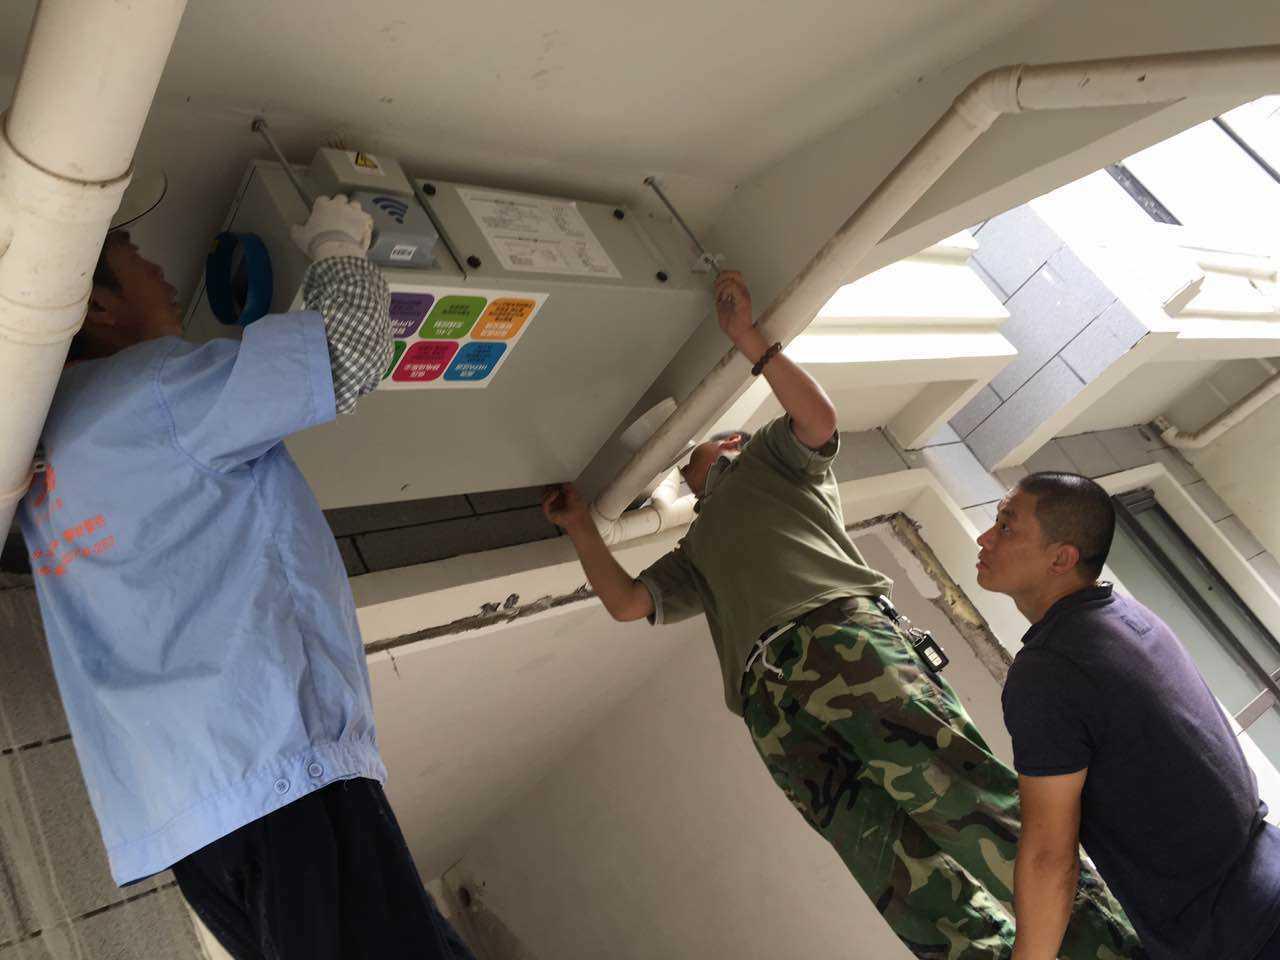 新风系统品牌 买新疆新风系统就来森林之歌智能科技